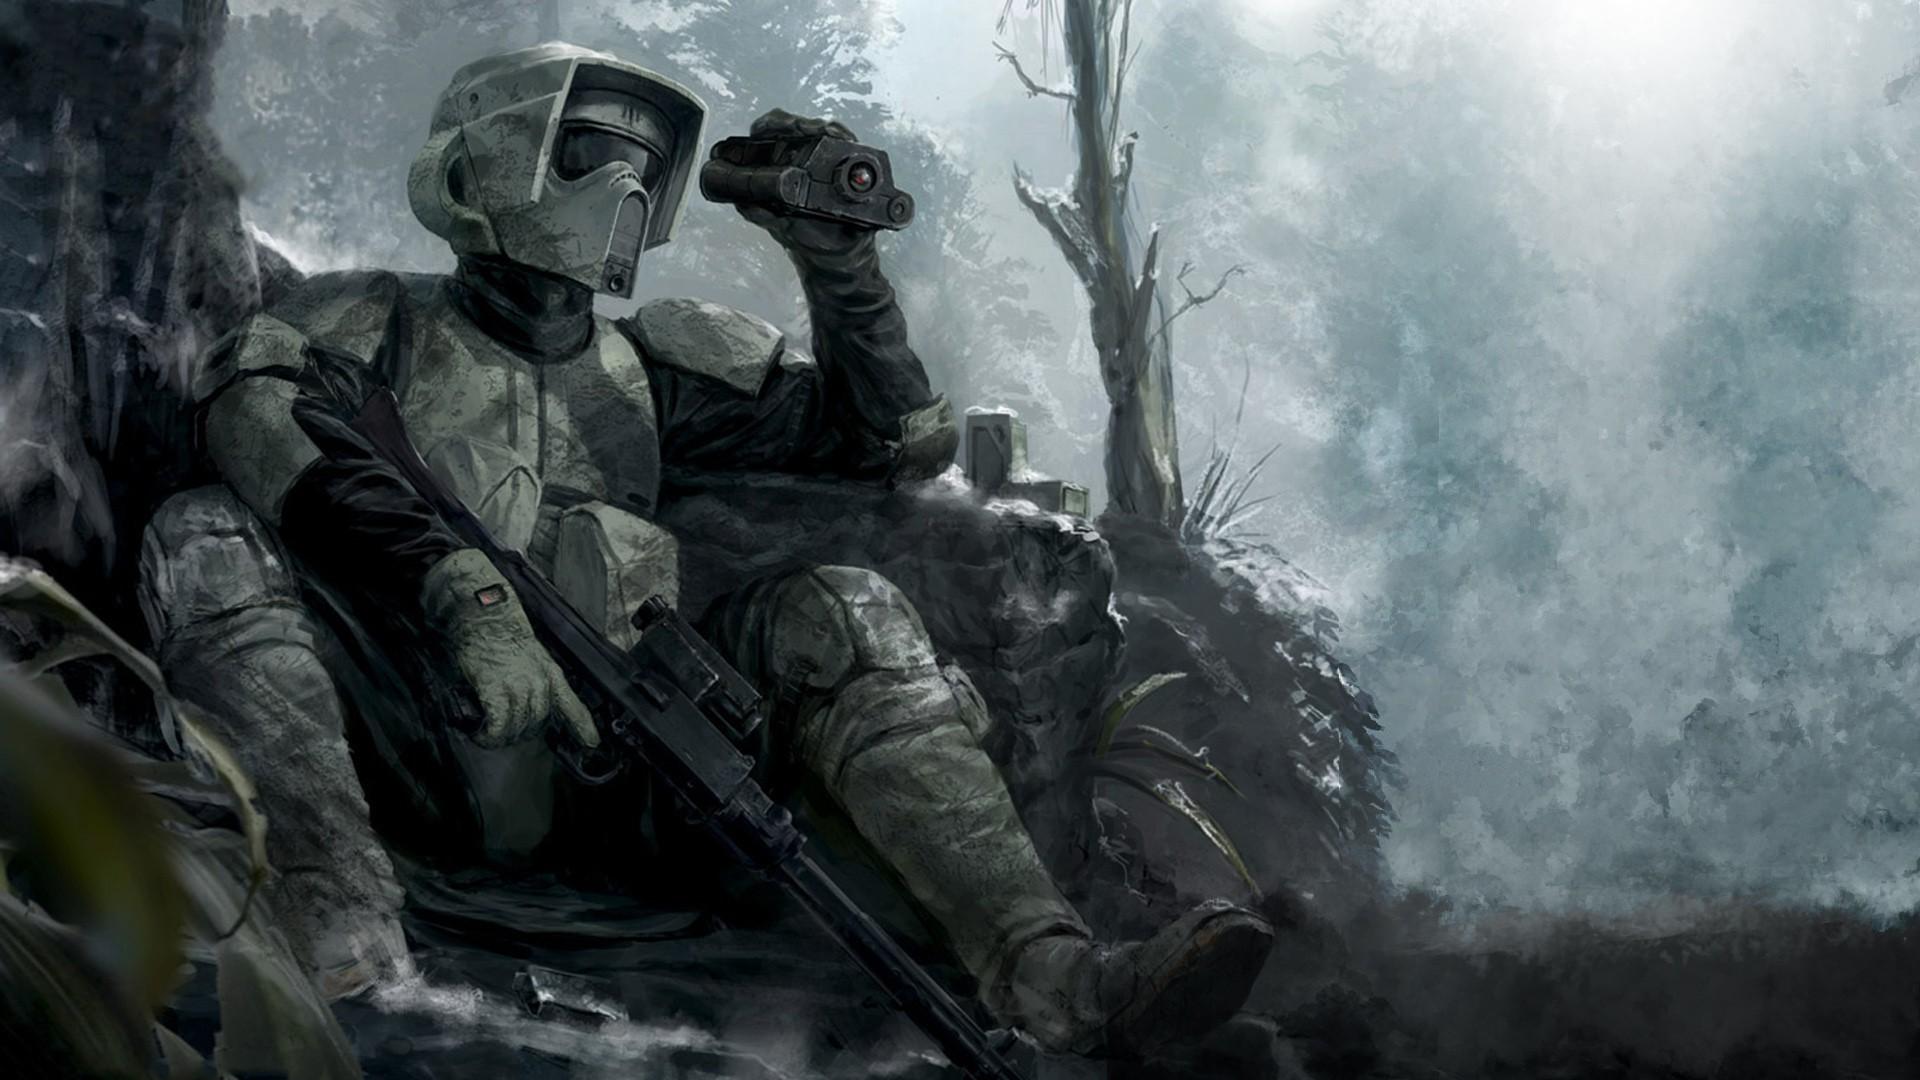 Scout trooper – Star Wars wallpaper #14772